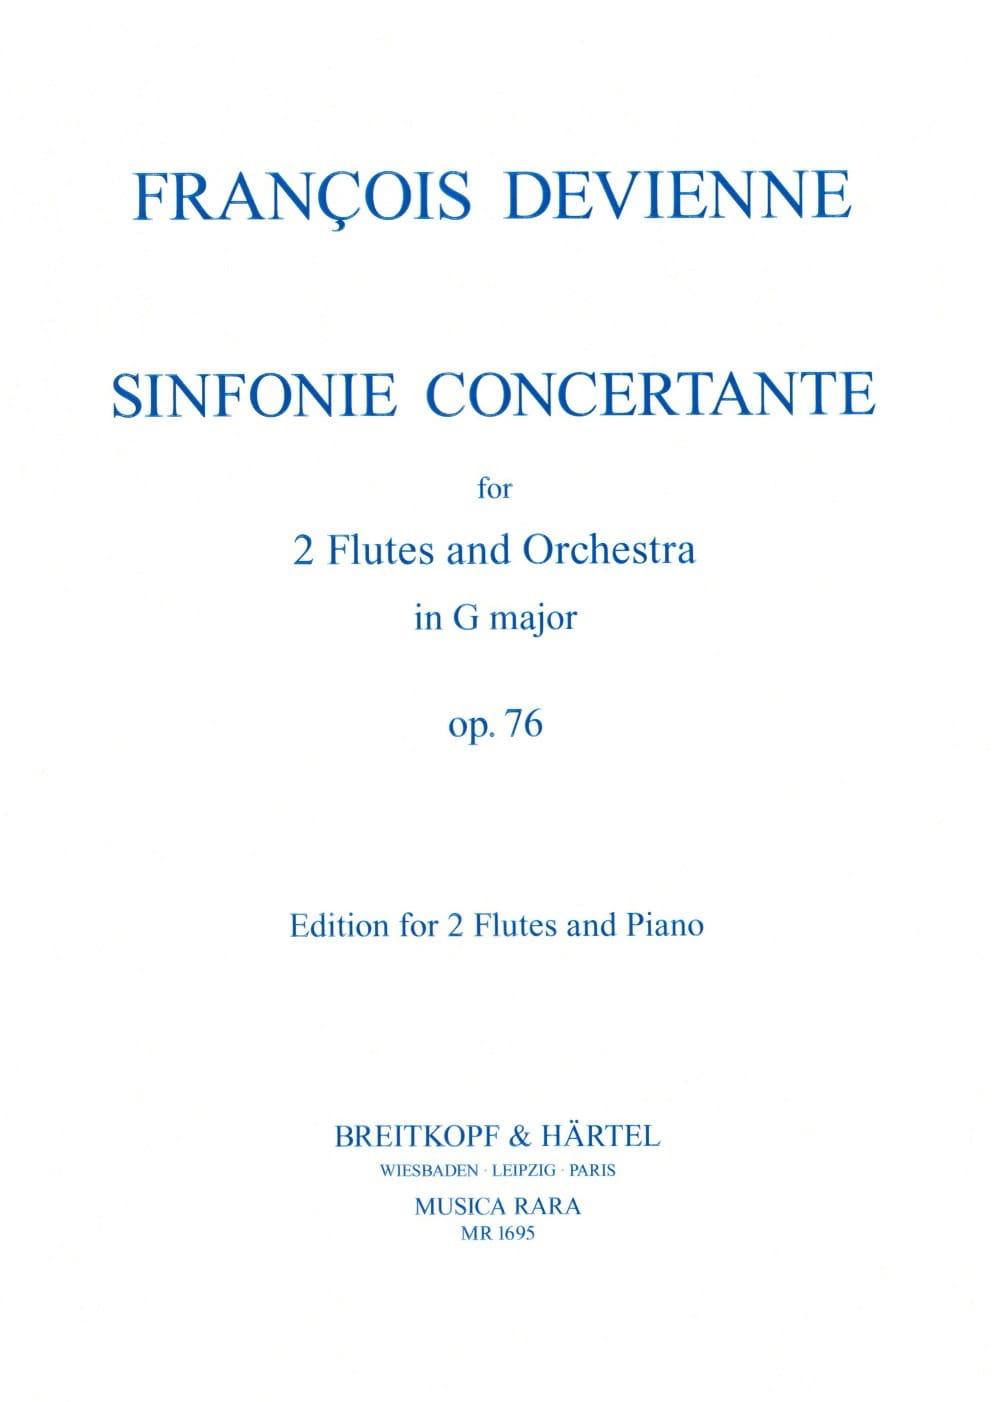 François Devienne - Concert Symphony op. 76 G major - 2 Flutes piano - Partition - di-arezzo.co.uk